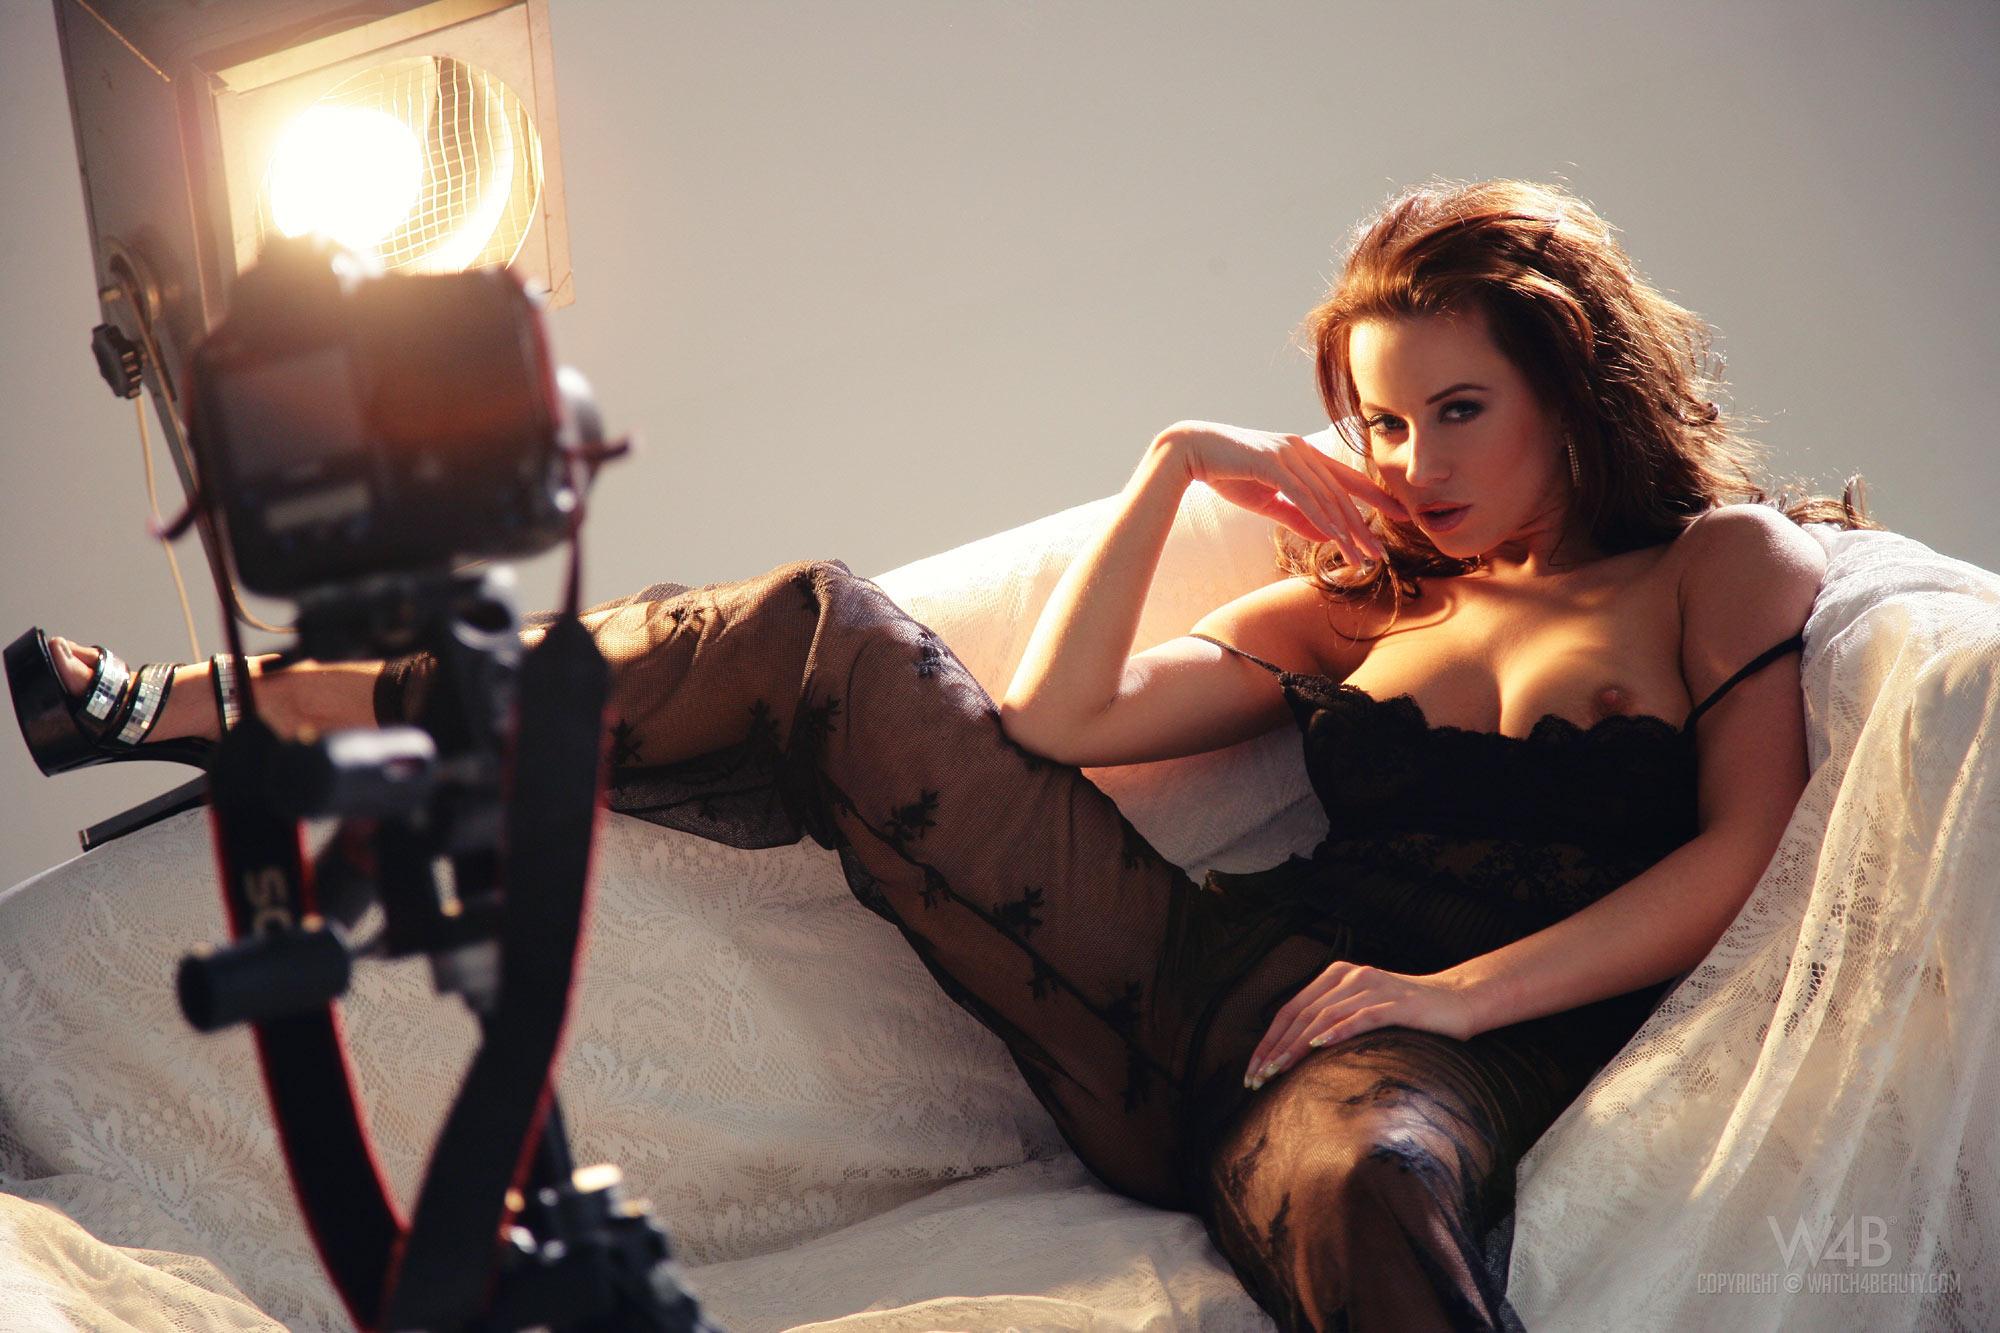 Секс фотограф и модель 11 фотография